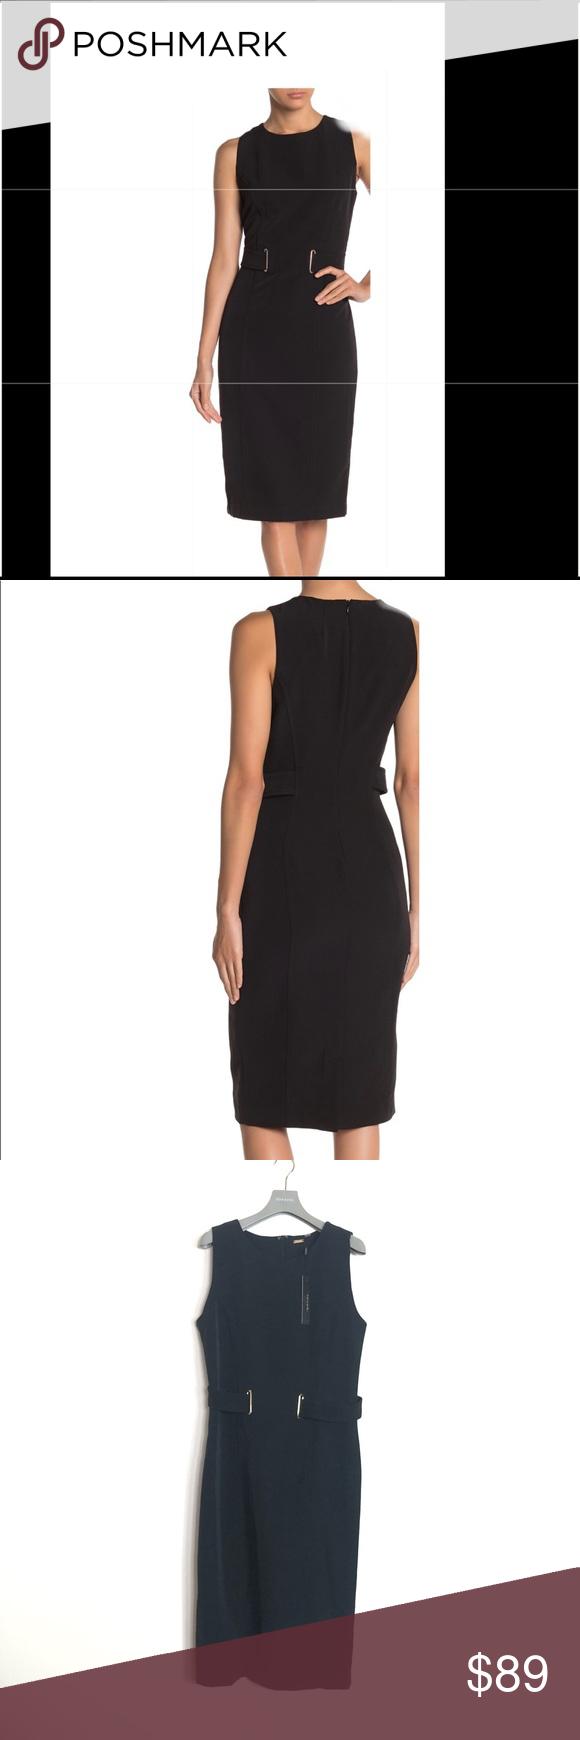 Tahari Belted Sheath Dress Size 8 New With Tags T Tahari Dress Clothes Design Sheath Dress [ 1740 x 580 Pixel ]